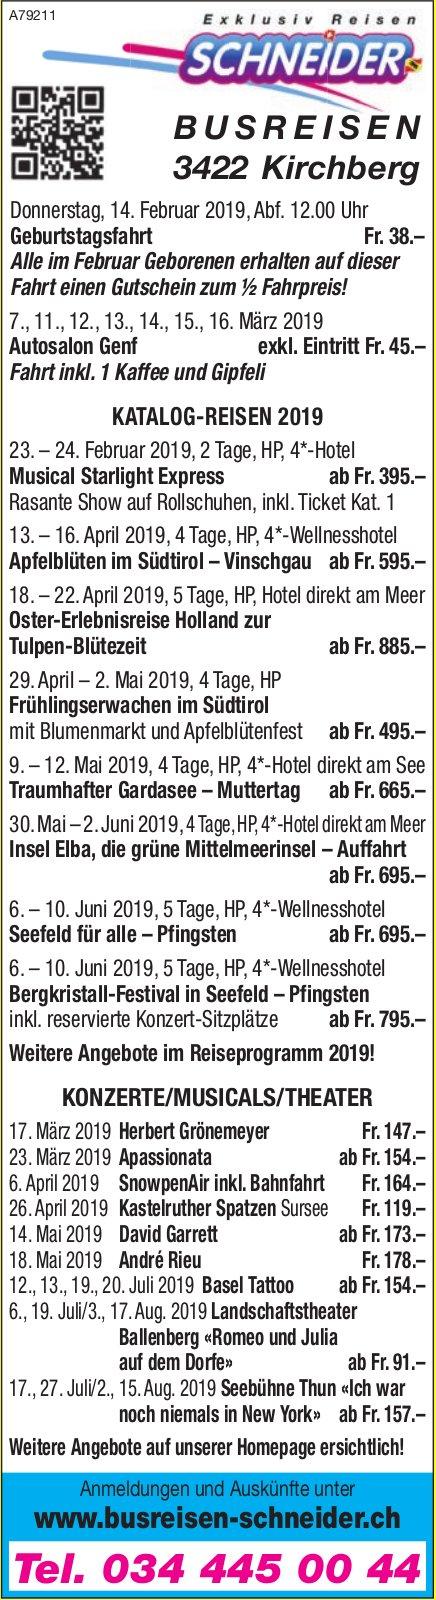 Busreisen Schneider, Kirchberg - Programm & Events